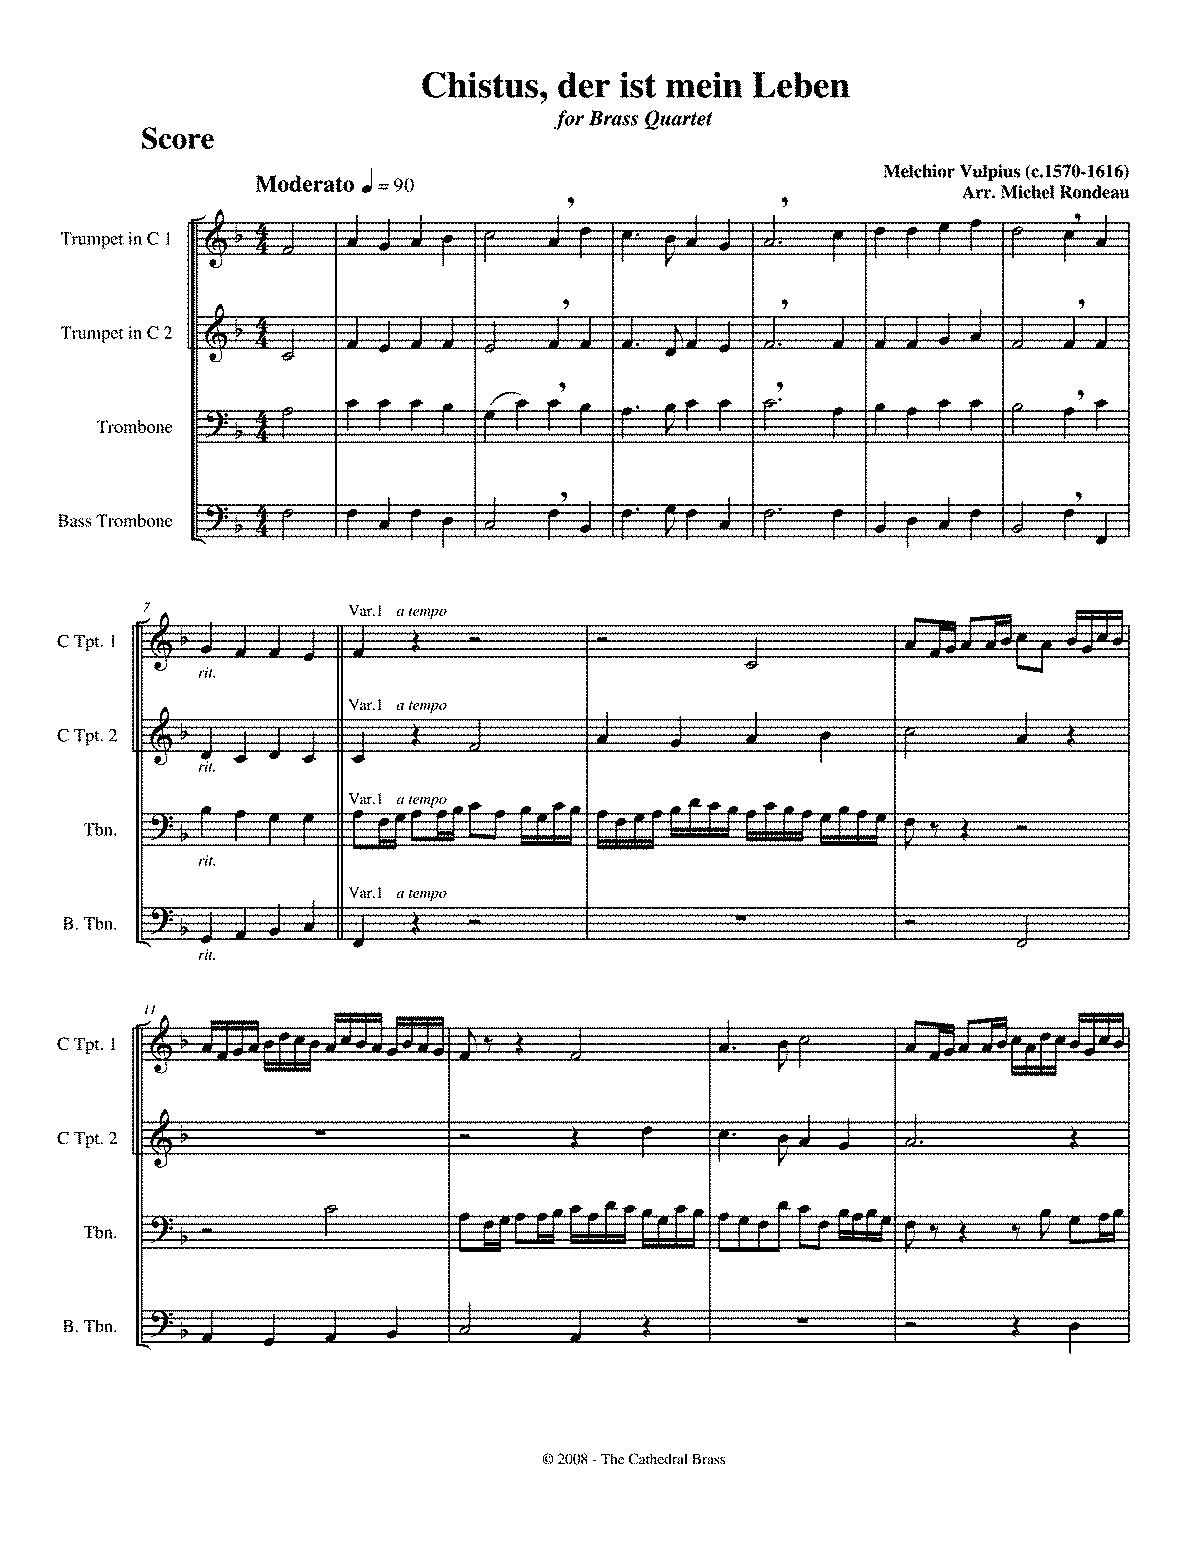 melchior vulpius composer